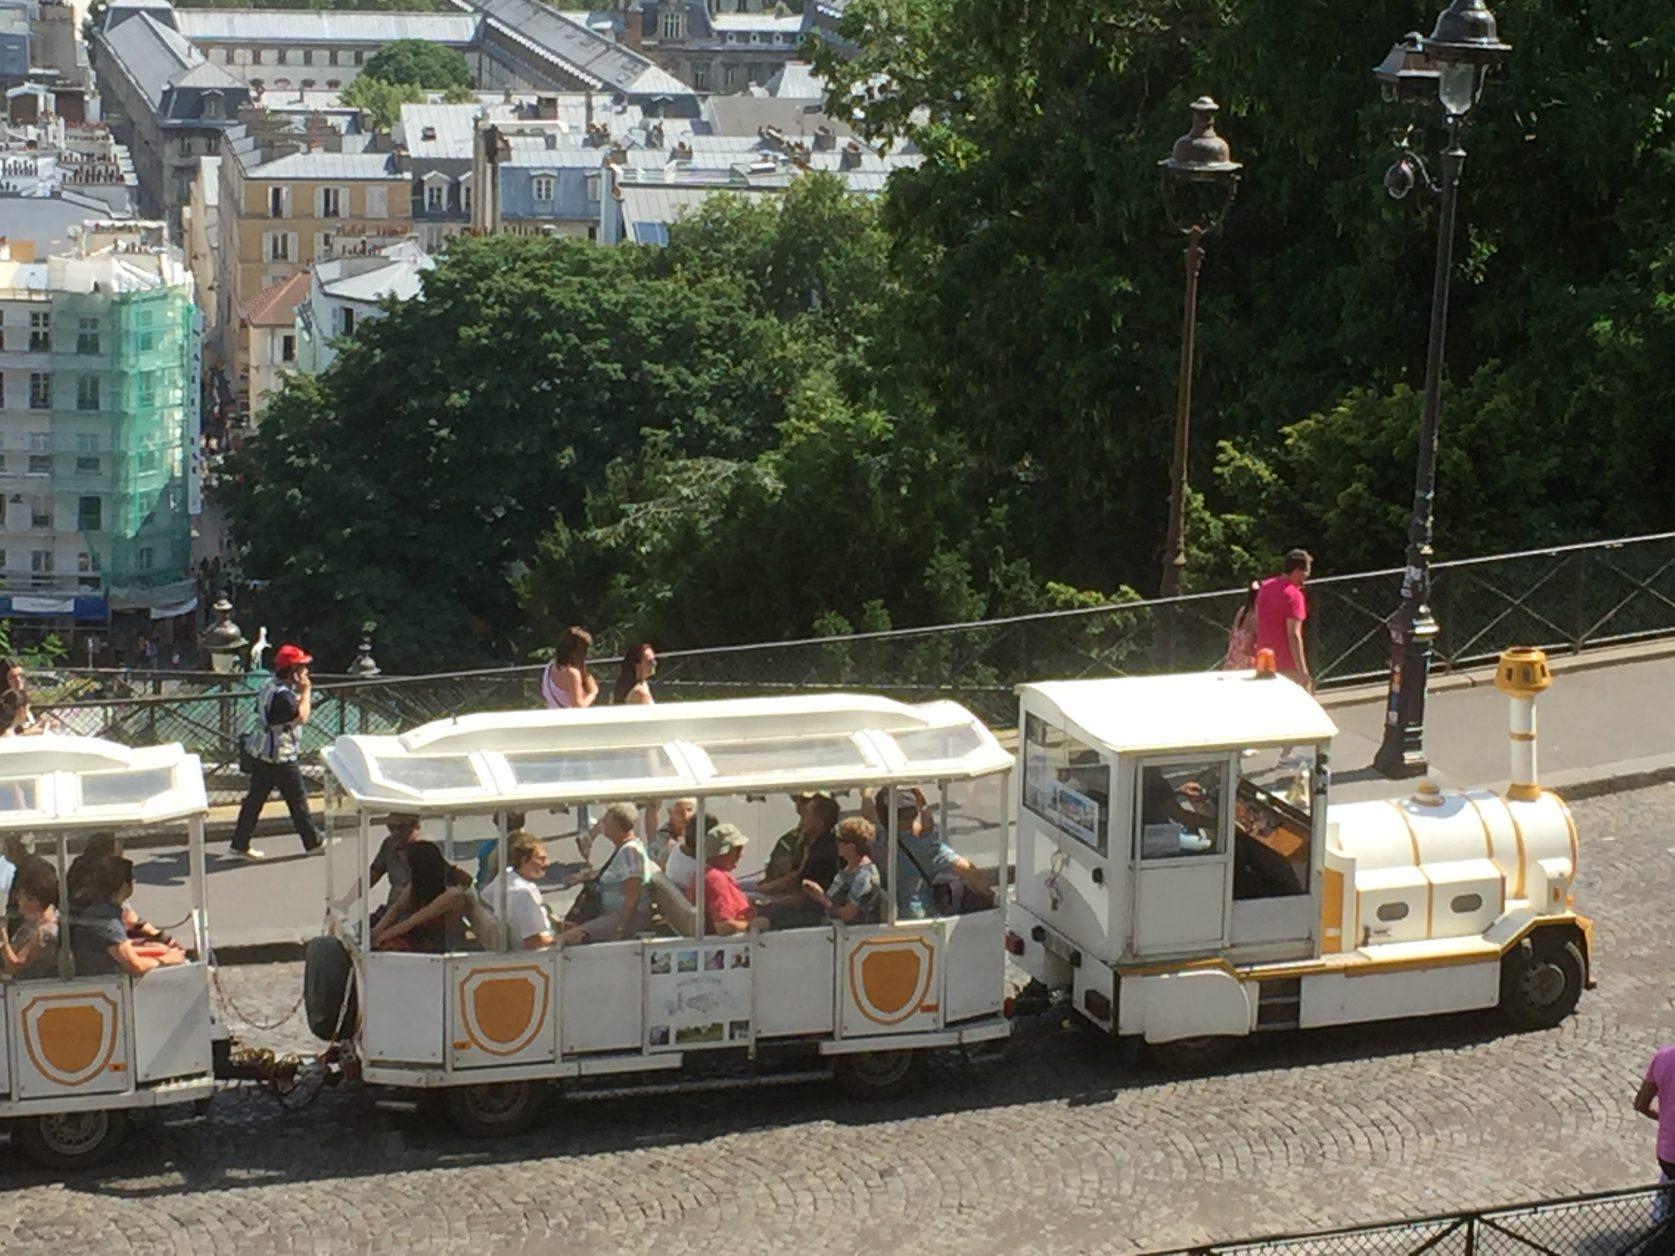 Mit der Bimmelbahn gelangt man bequem auf den Hügel. Foto: K.Weirauch